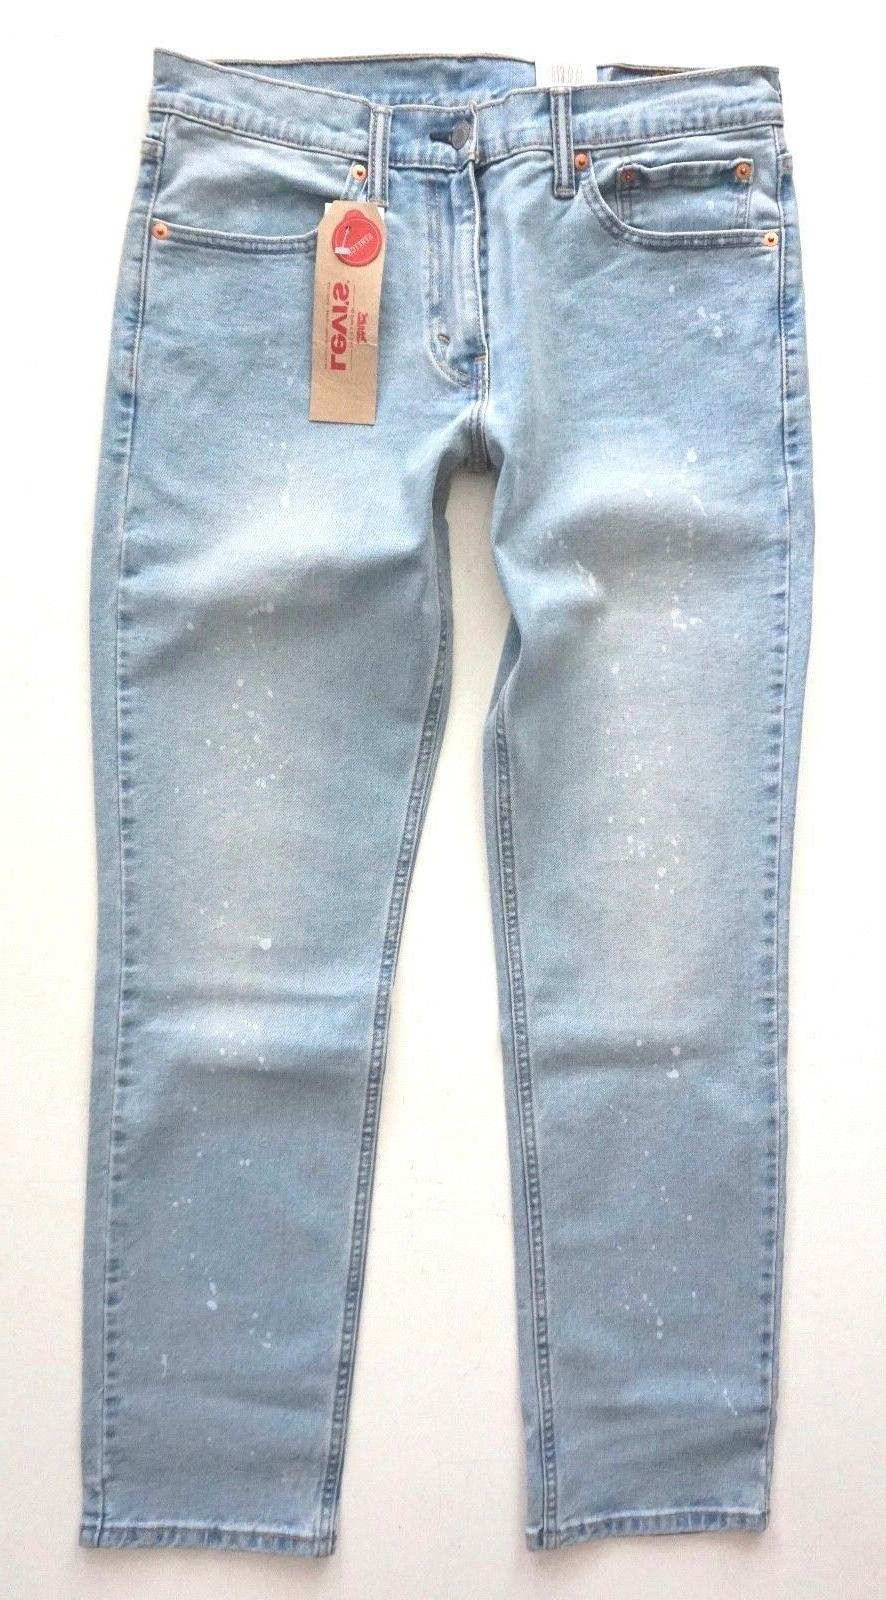 Levi's Levis Nwt Mens 511 Slim Fit Denim Jeans